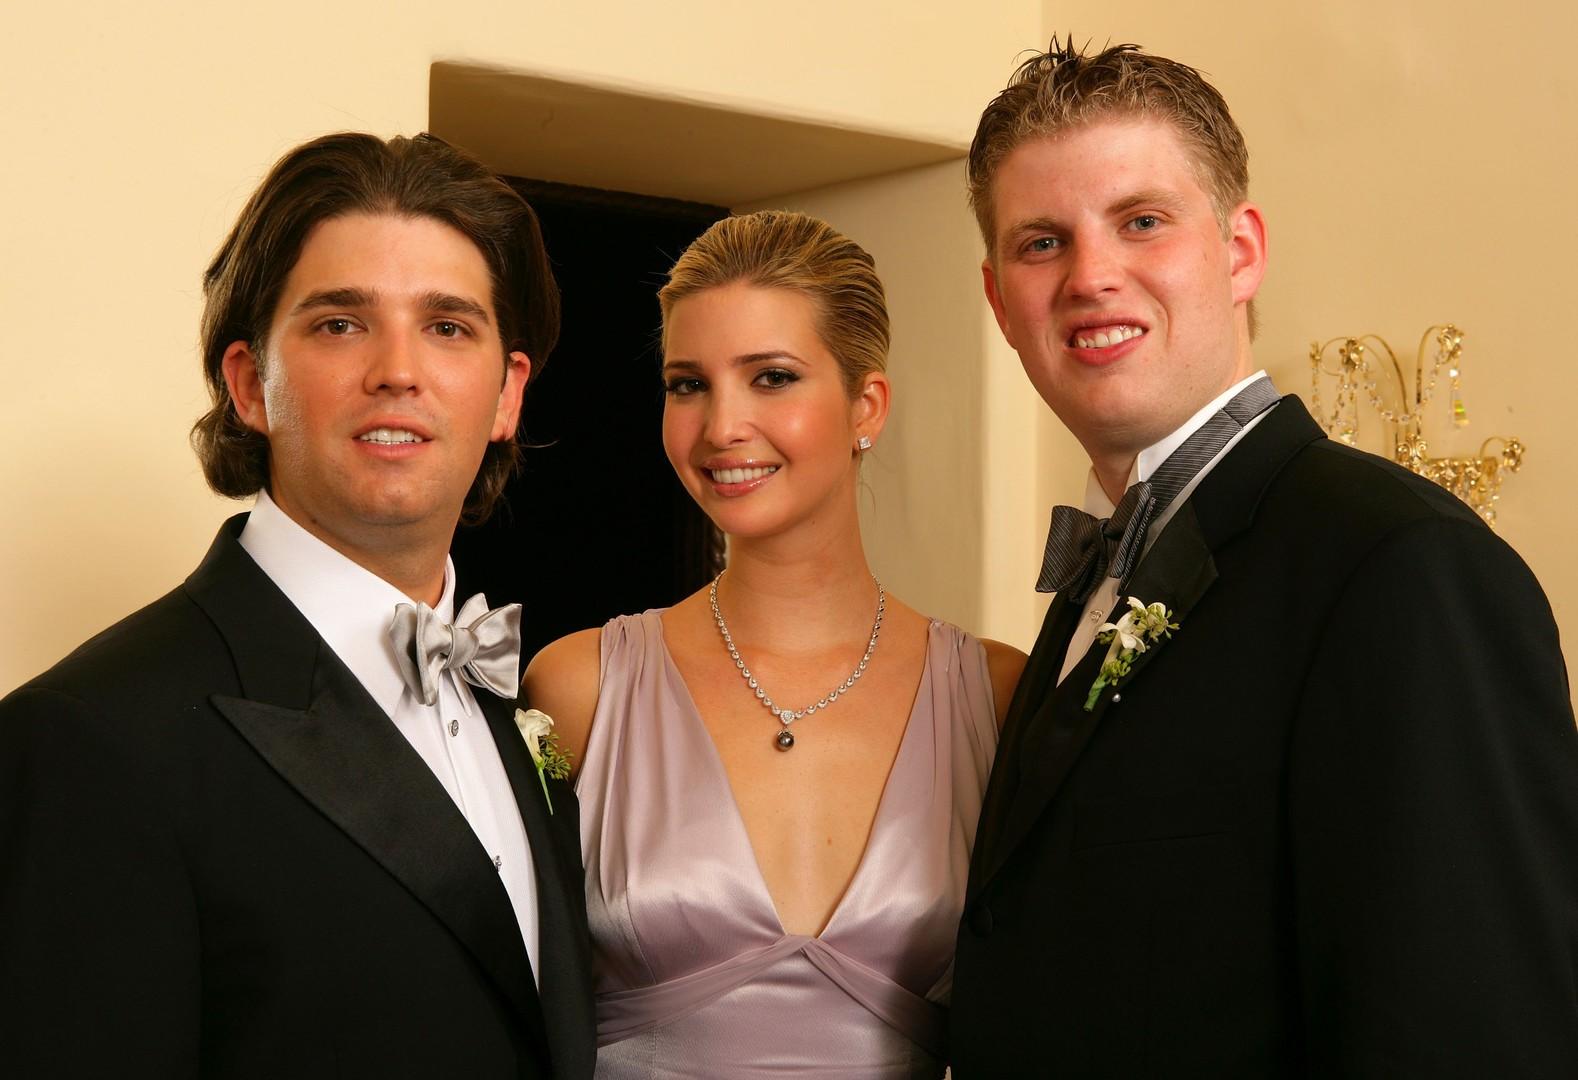 Дональд-младший, Иванка и Эрик Трамп.